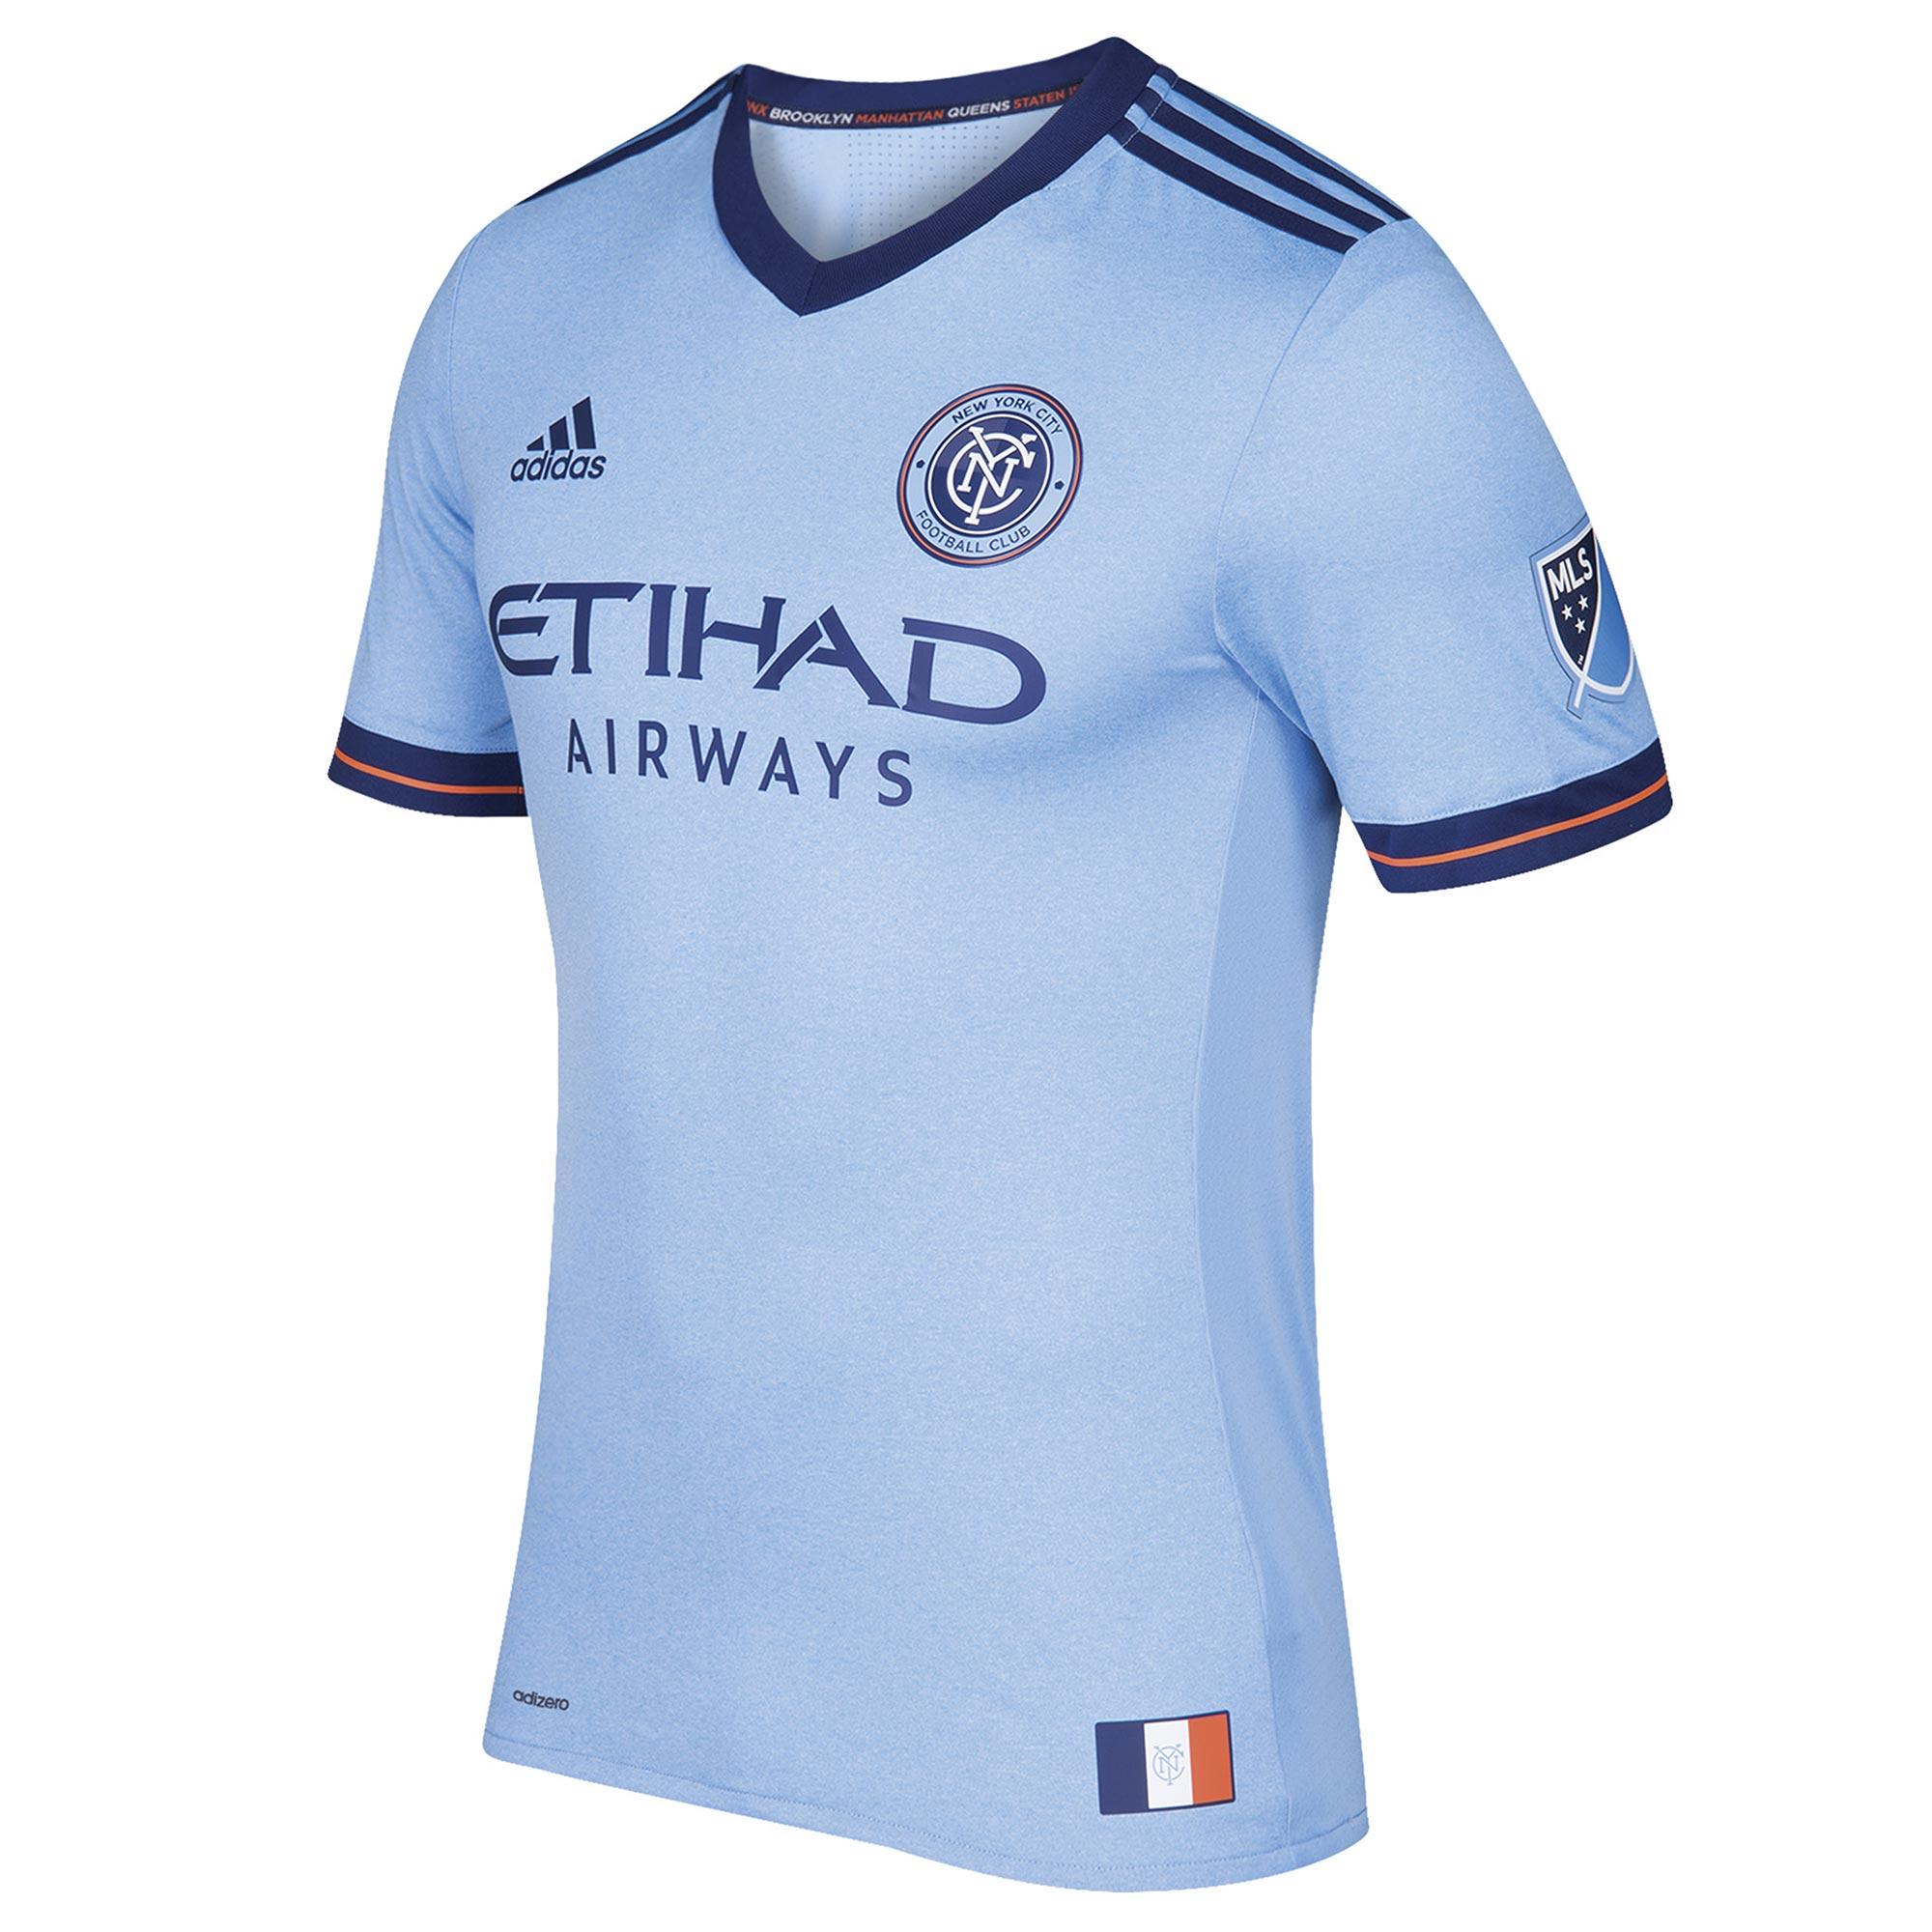 York City Home shirt